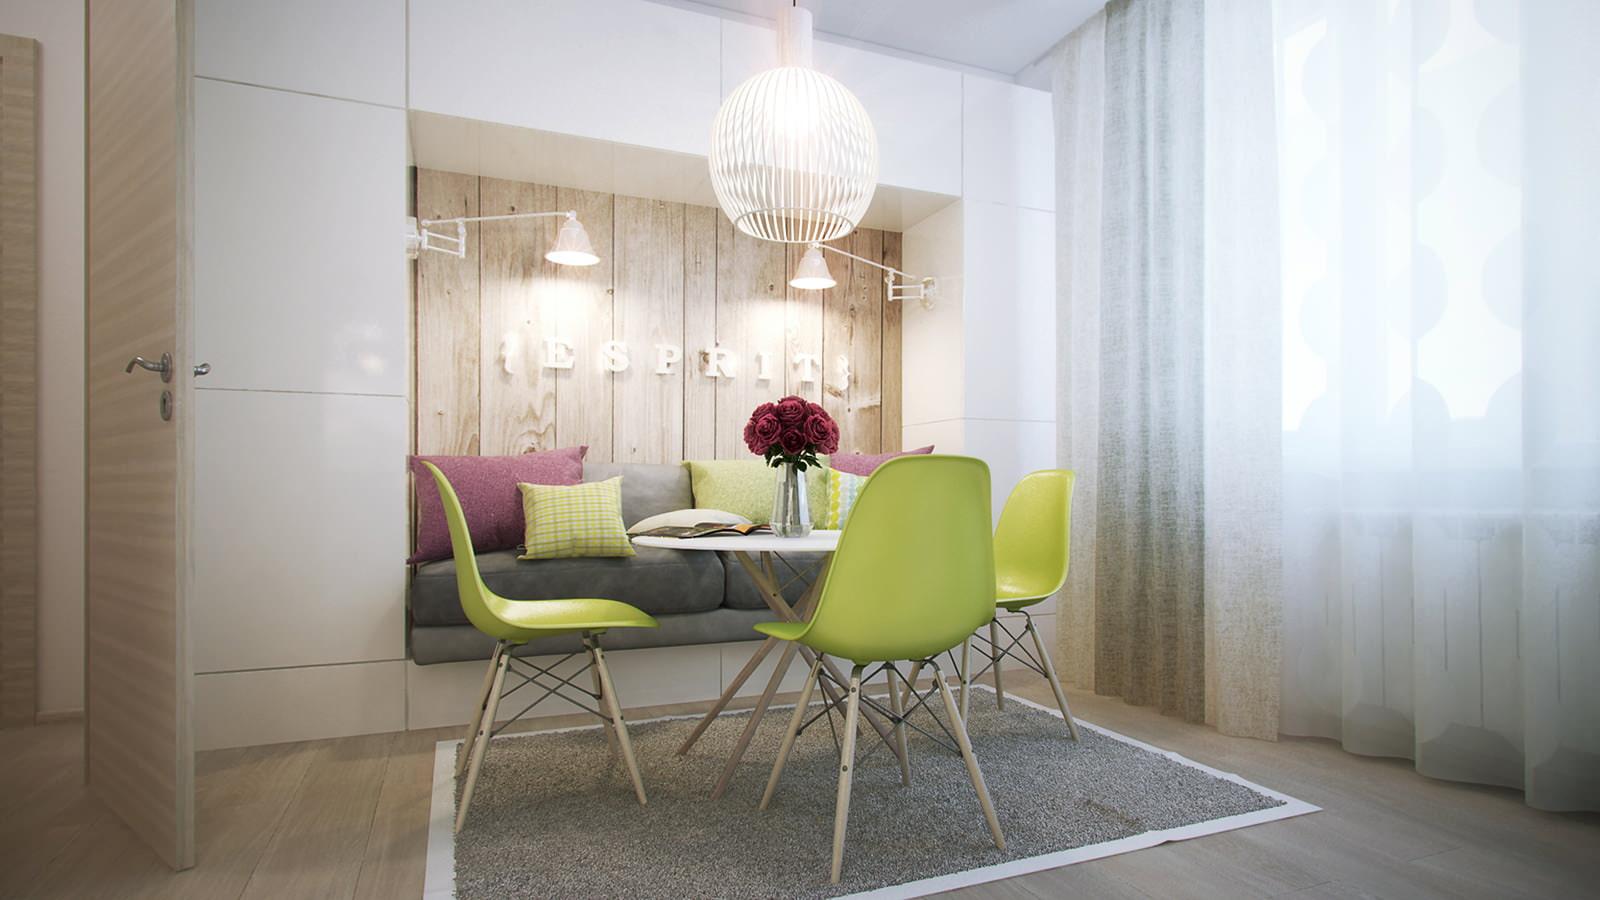 Дизайн 1 комнатной квартиры 35 кв.м с выделенным спальным